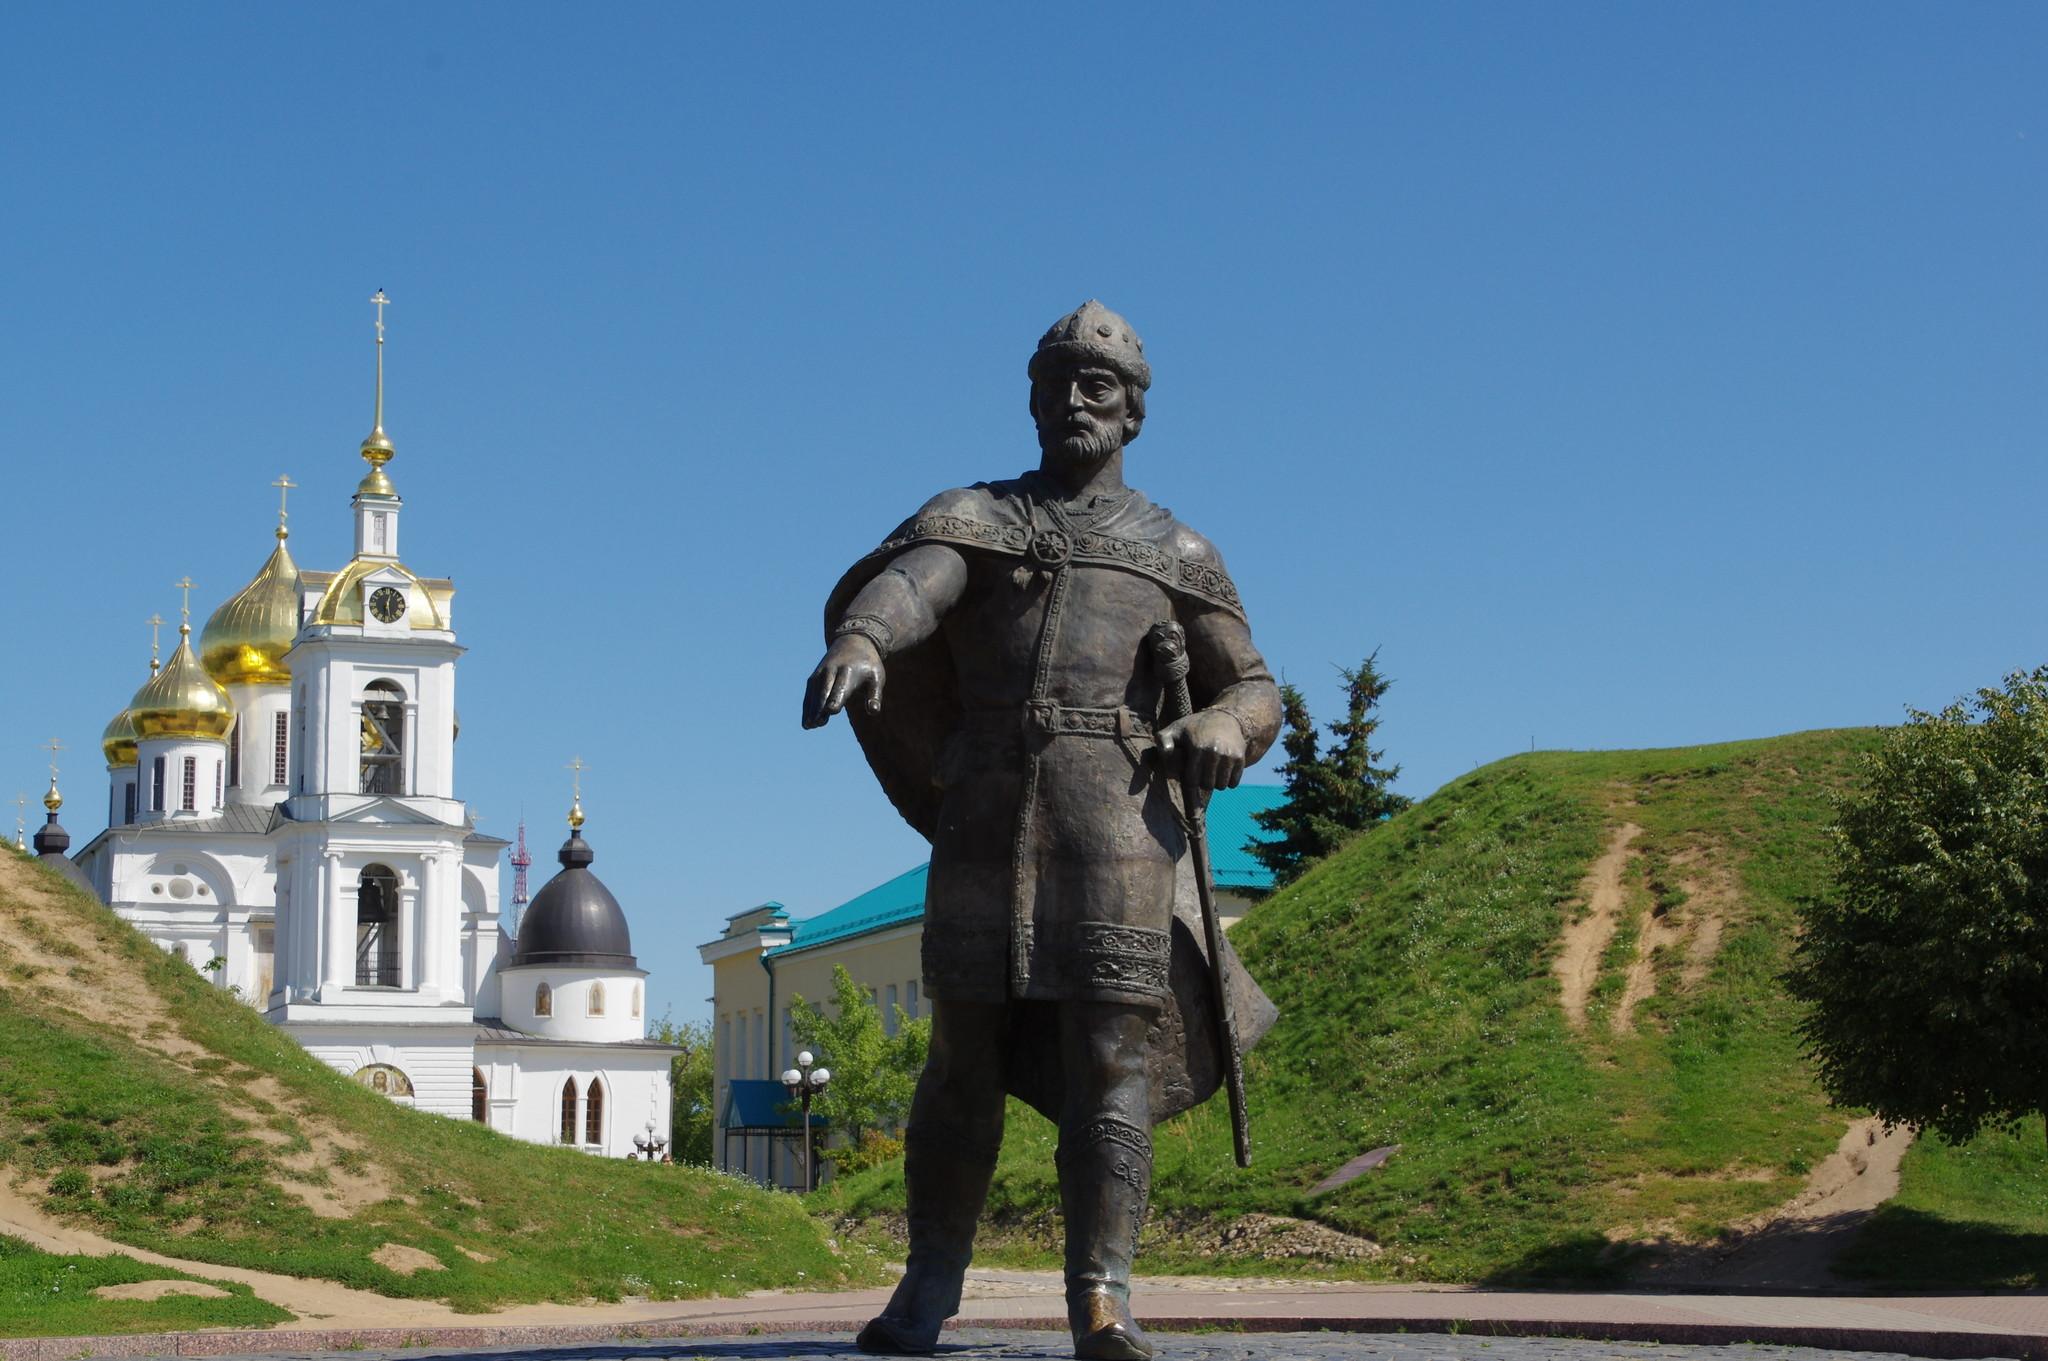 Памятник Юрию Долгорукому (2001, скульптор В.М. Церковников) у южного входа в Кремль города Дмитрова